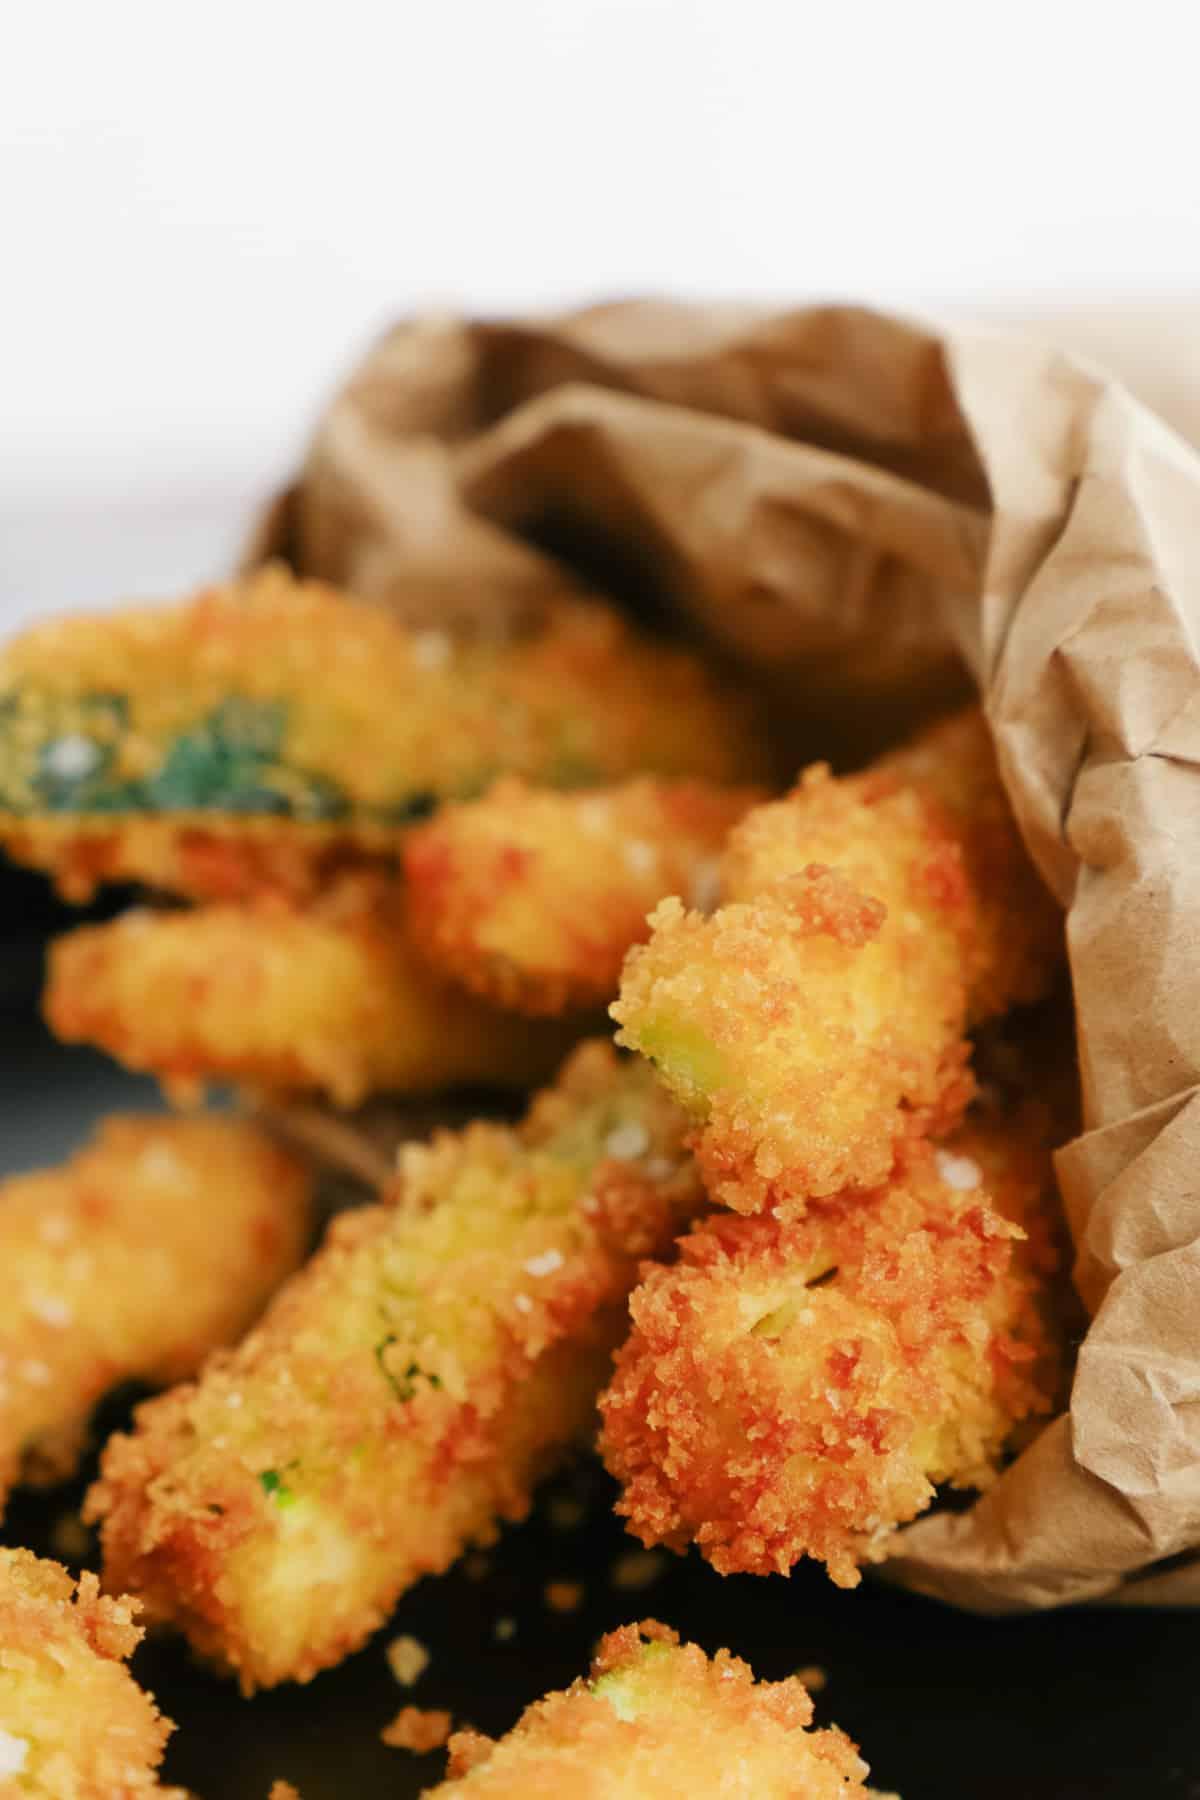 Close up of zucchini sticks in a bag.